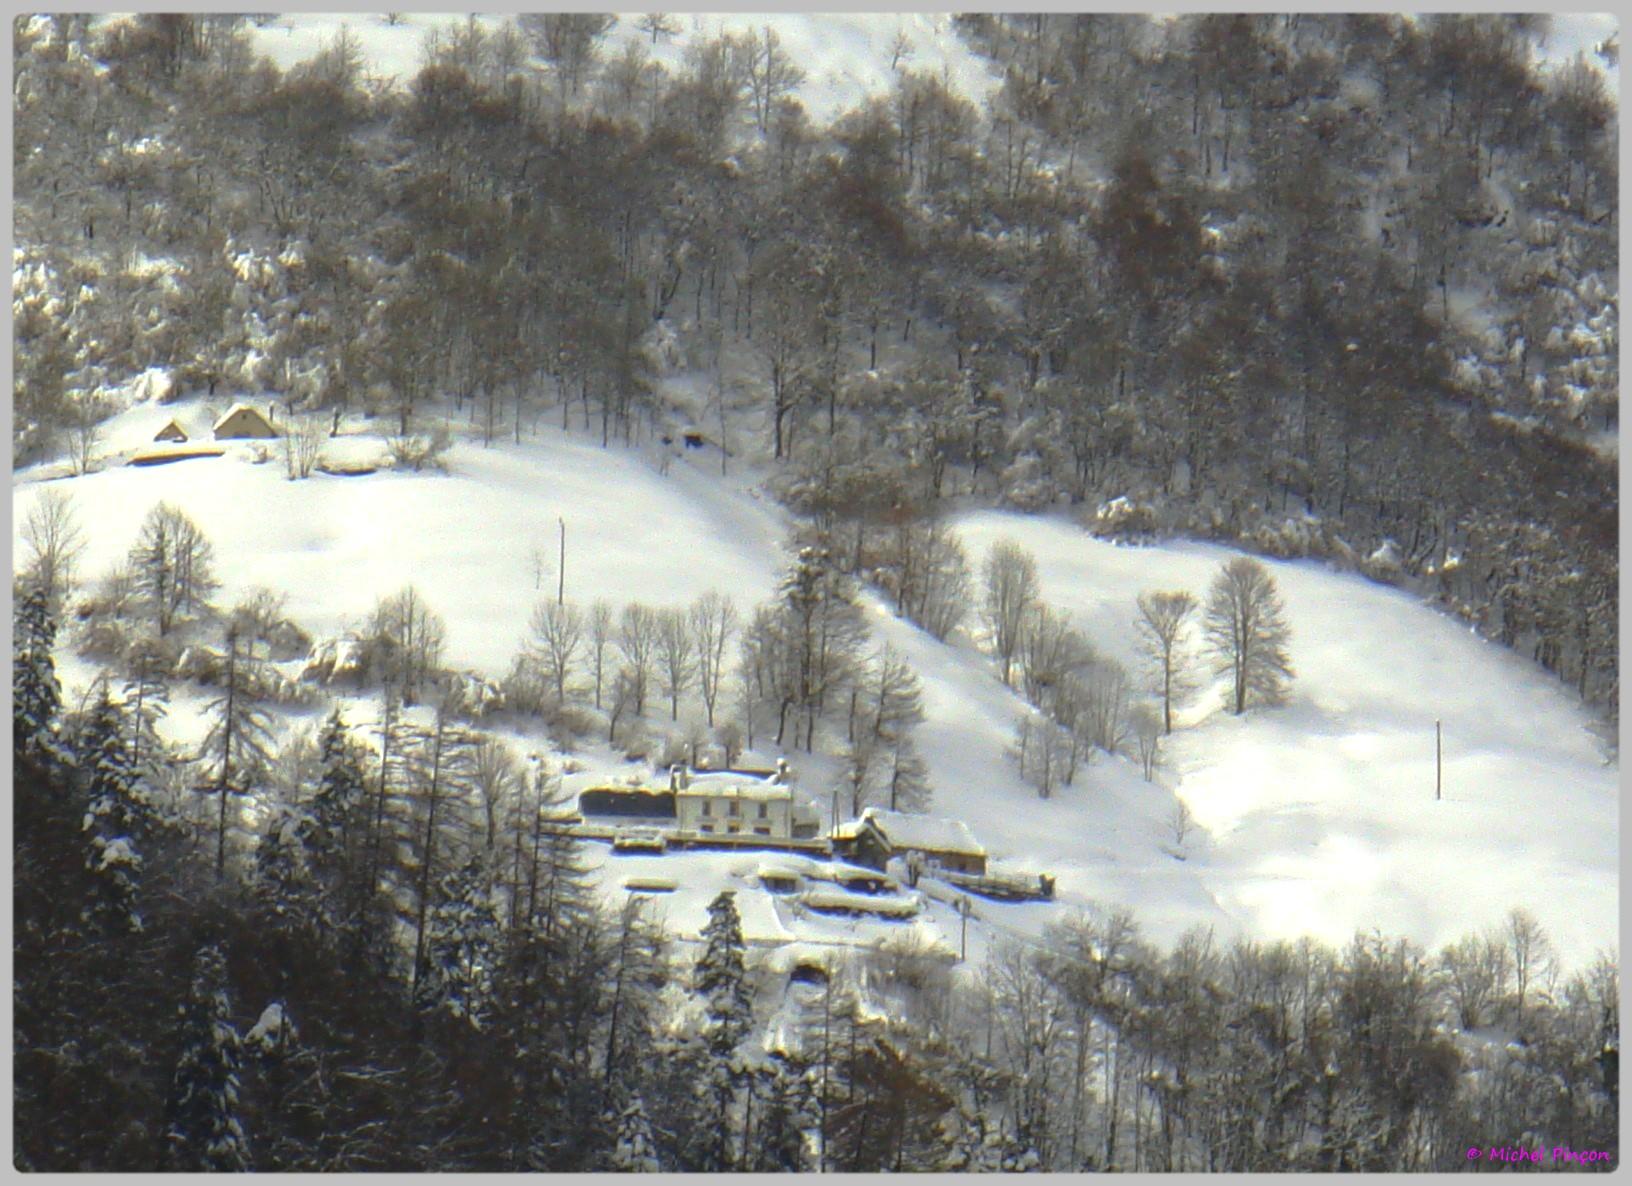 Une semaine à la Neige dans les Htes Pyrénées - Page 2 473701DSC012049